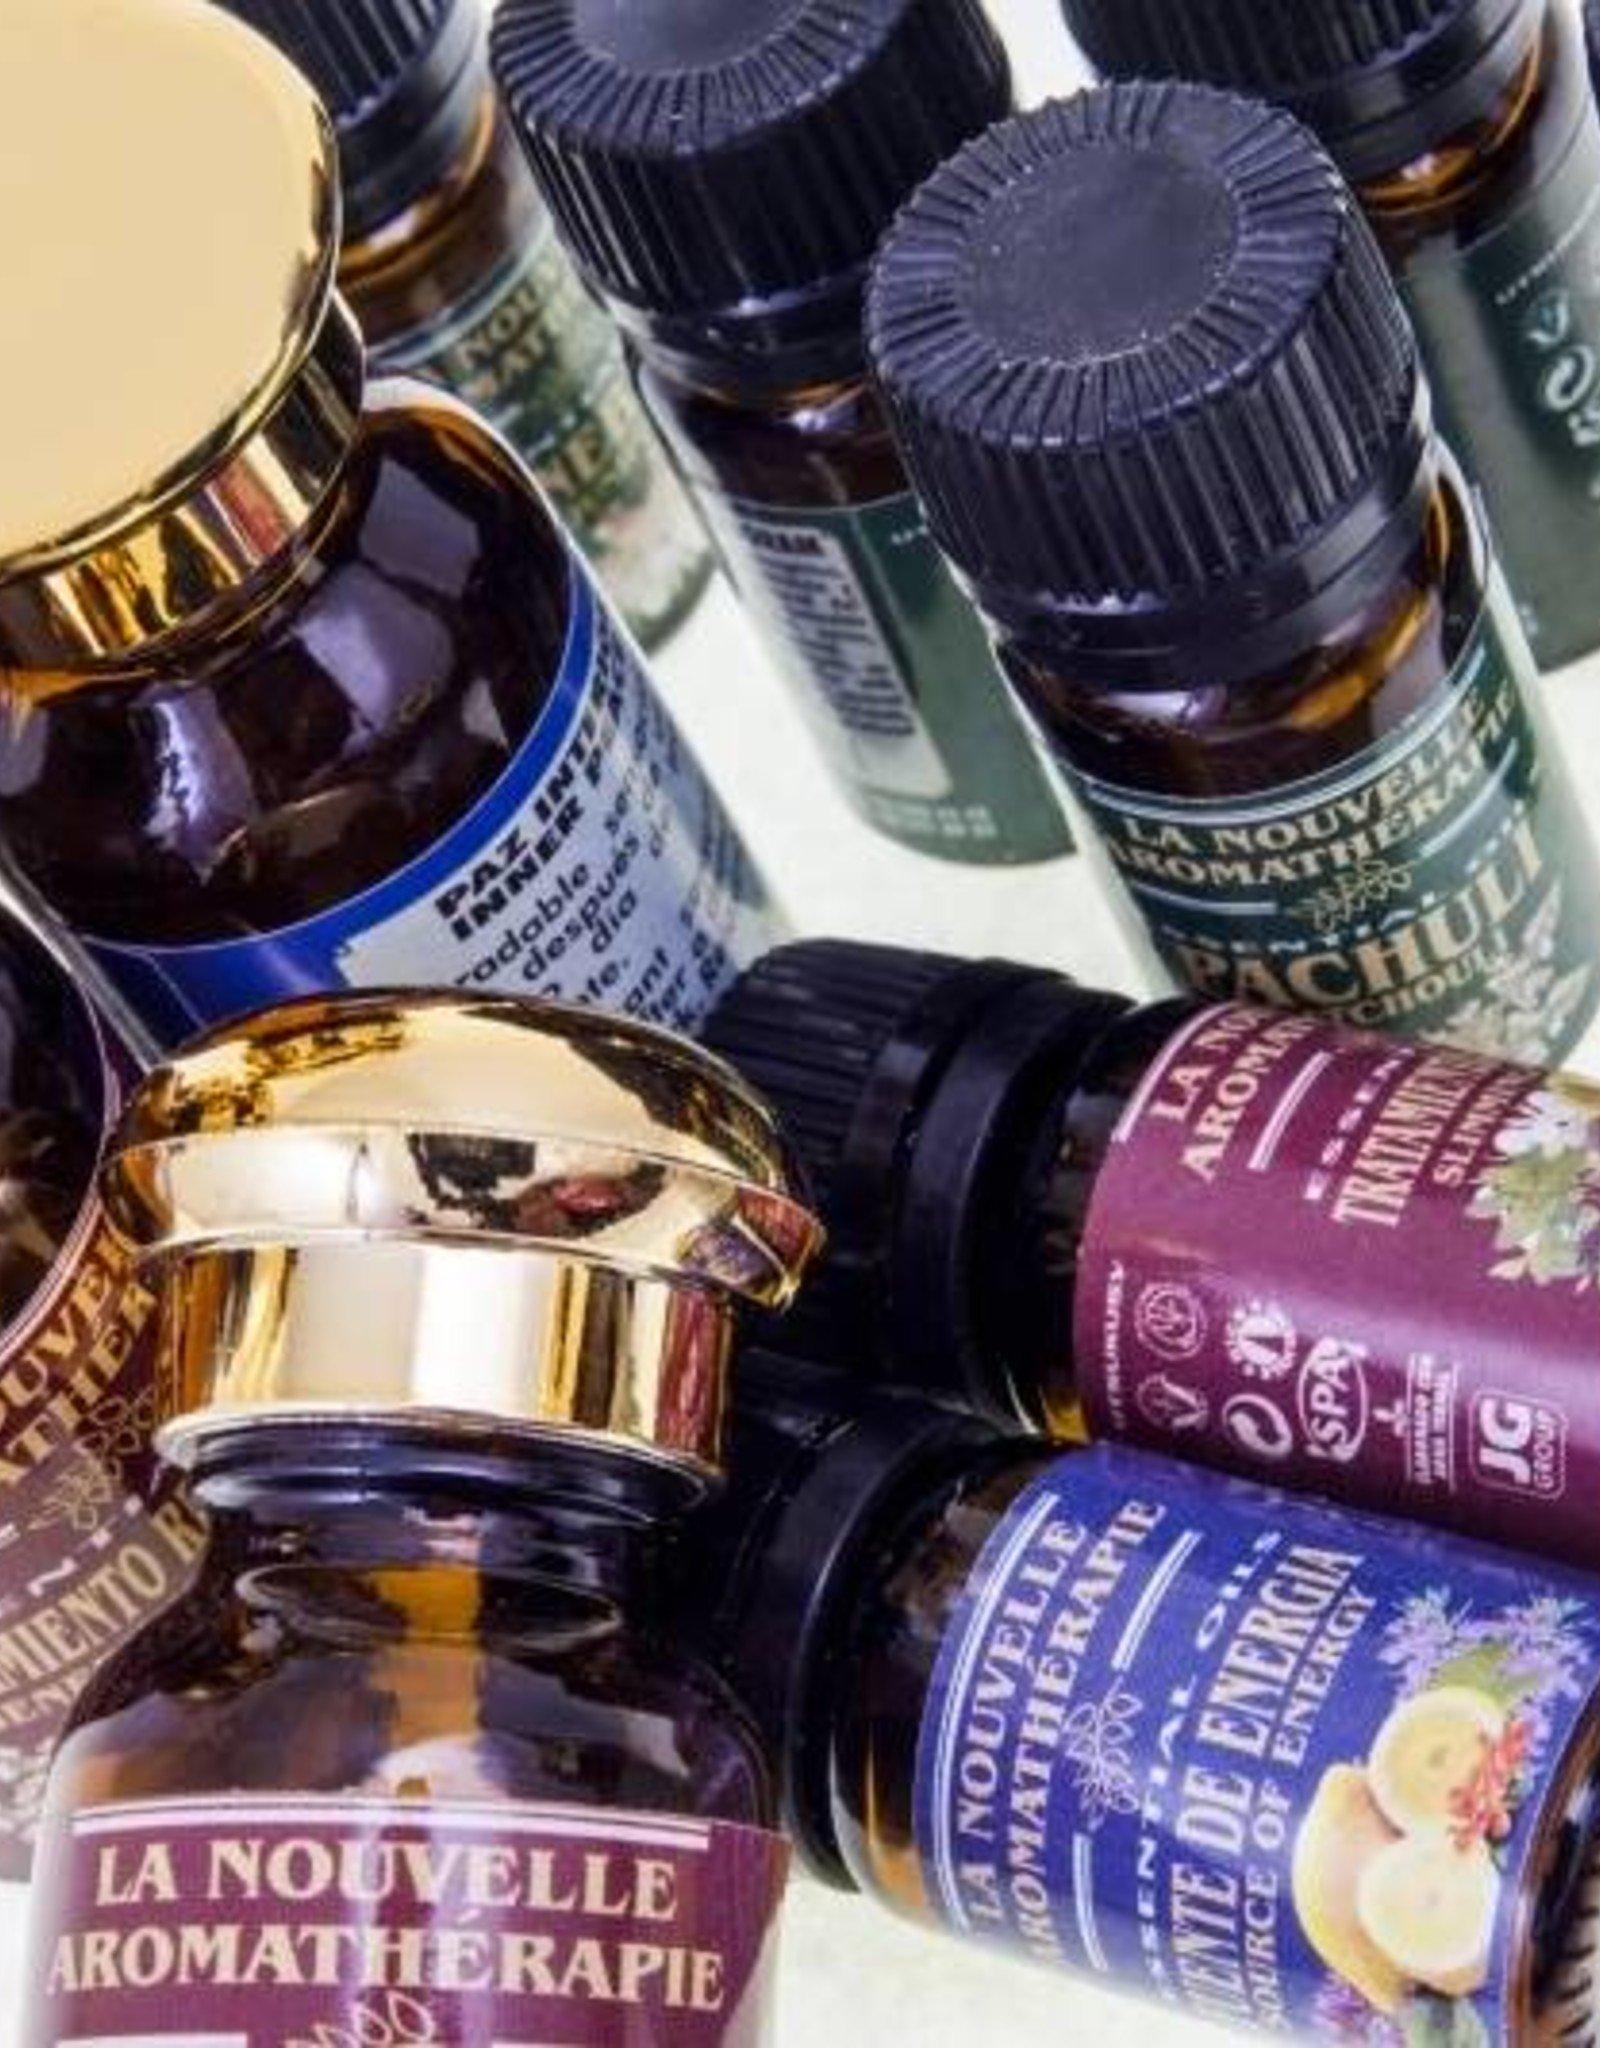 Utsukusy Juniper essential oil 6ml